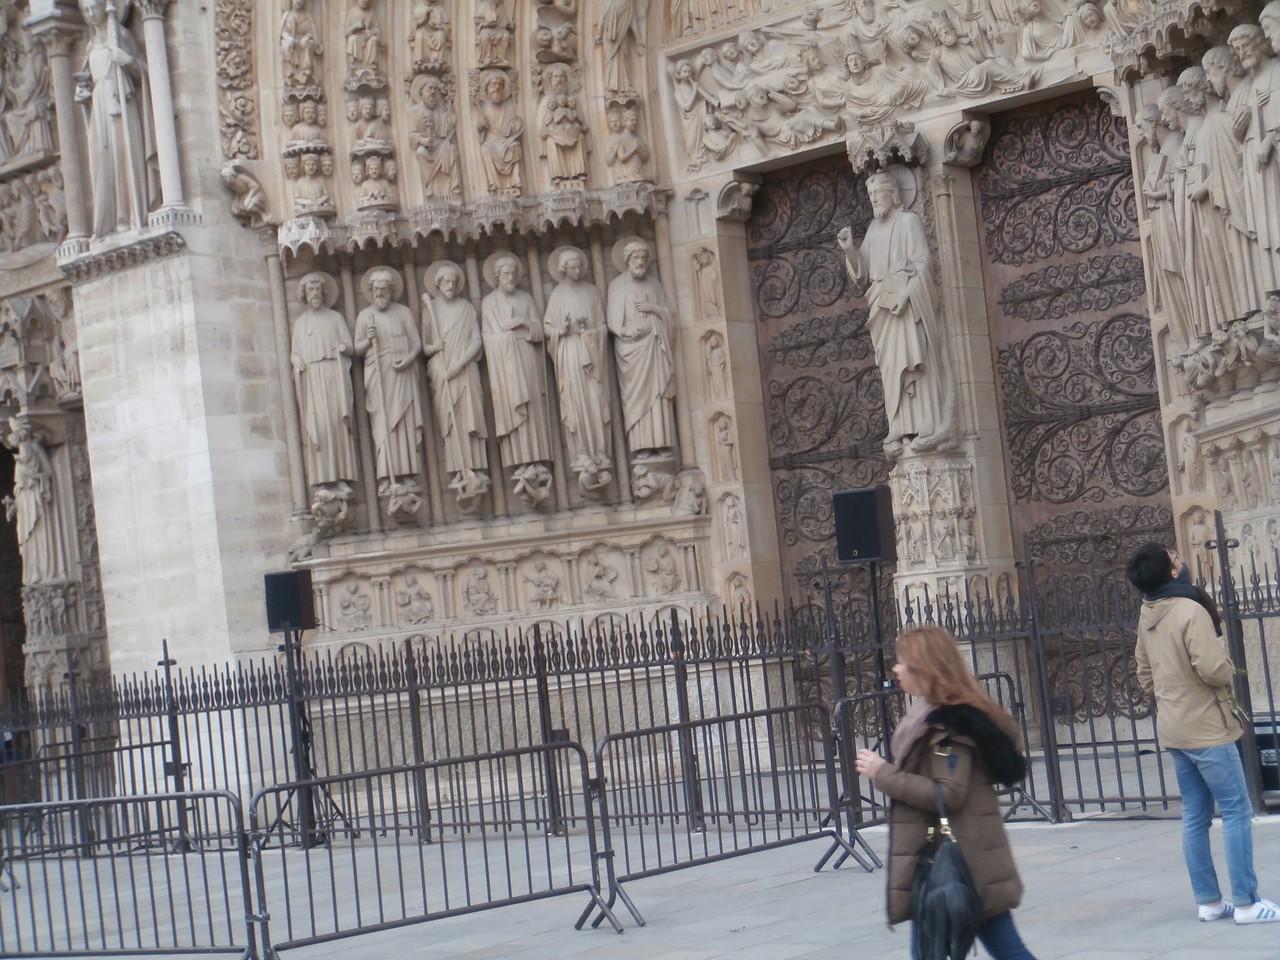 More saints standing at the door